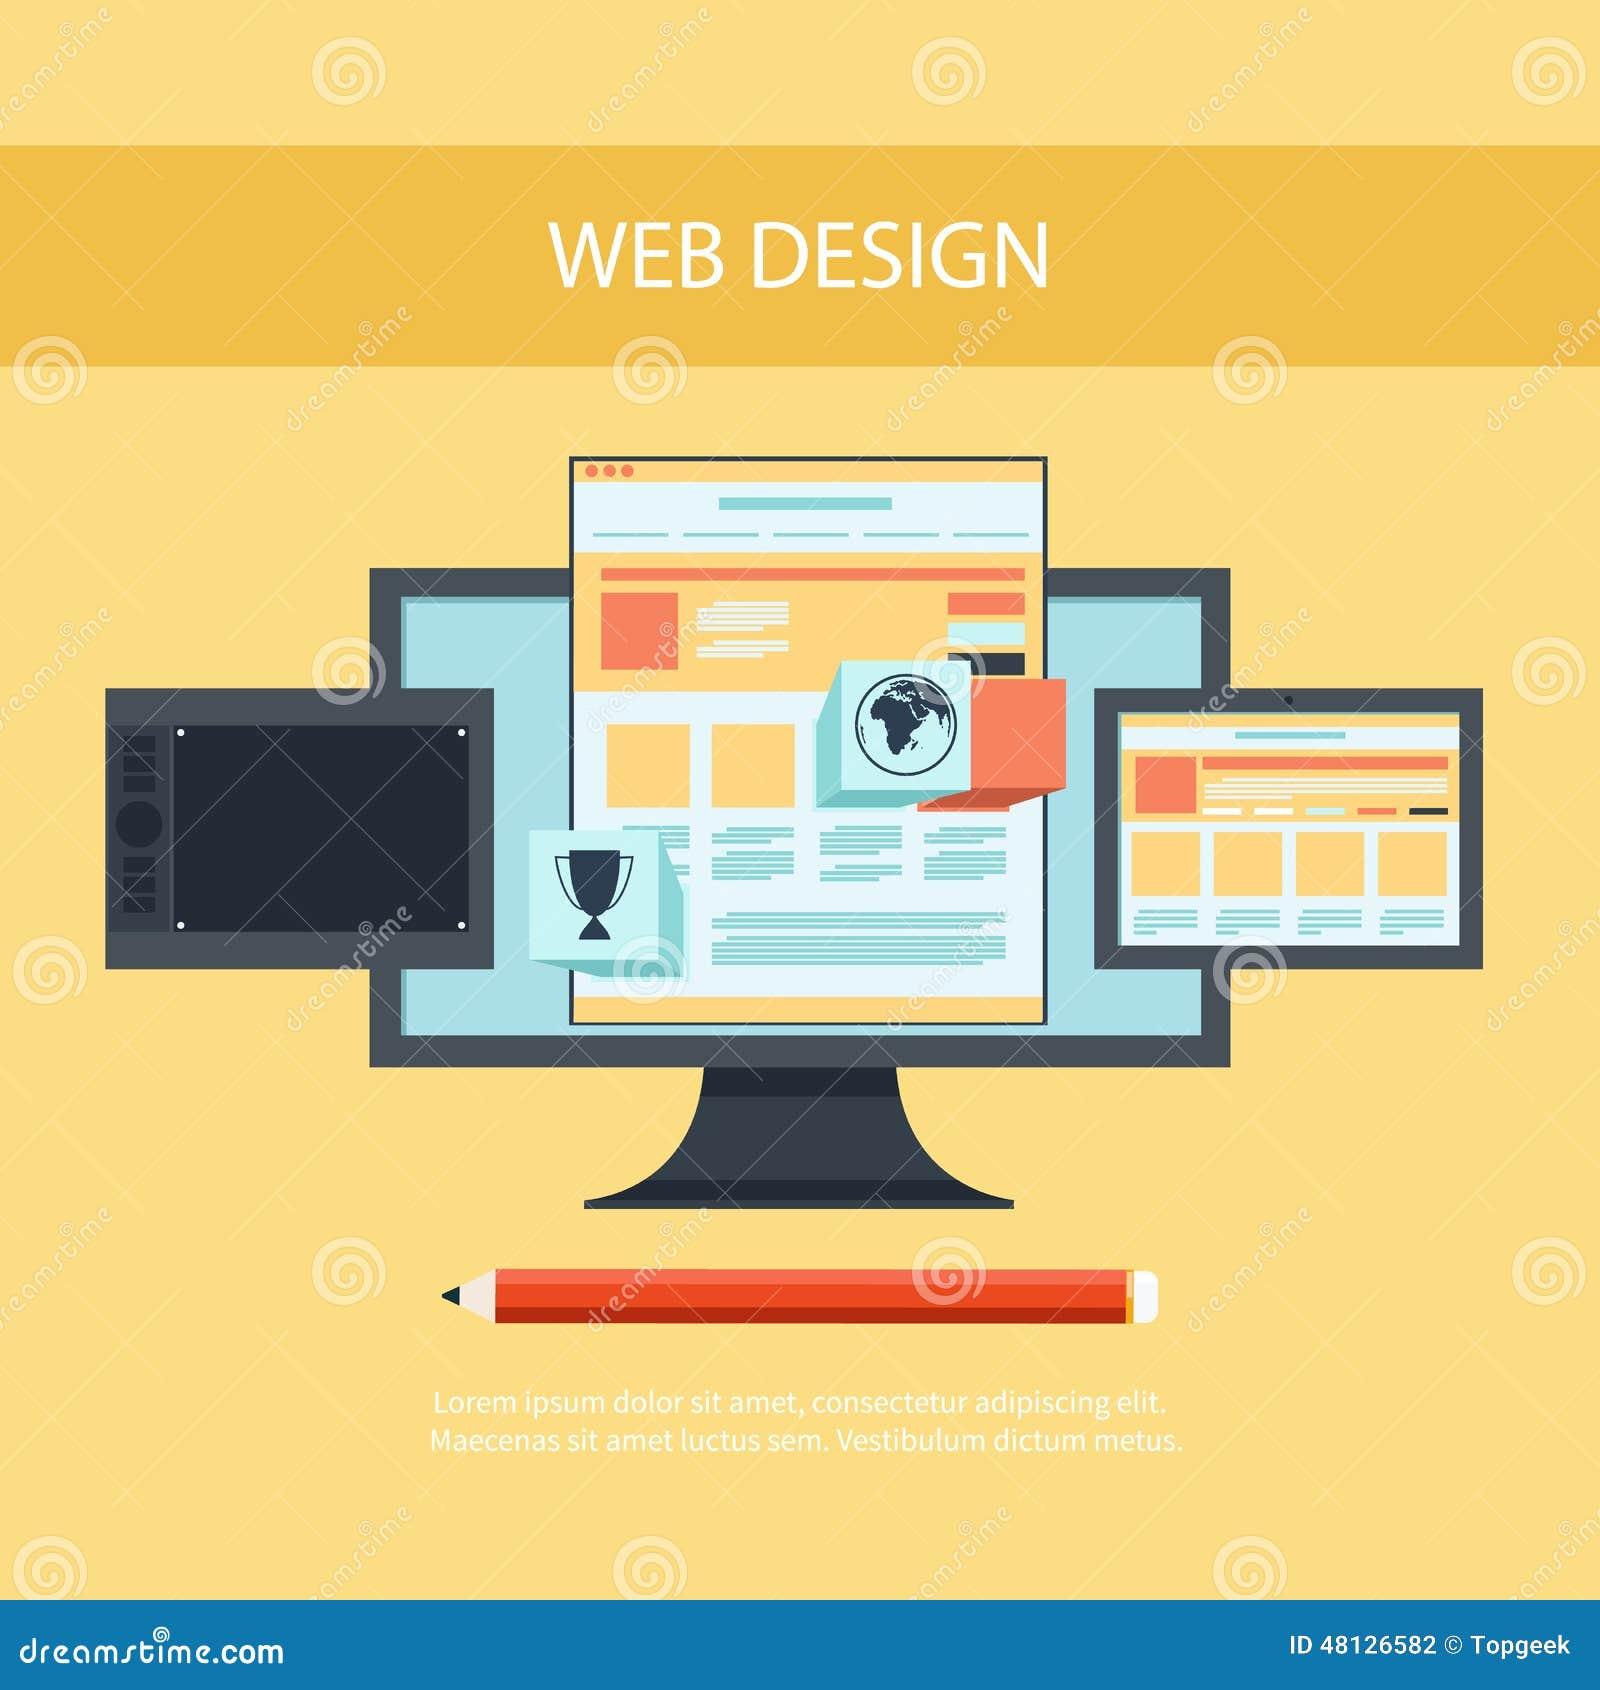 Web design program for design and architecture cartoon for Architecture website design